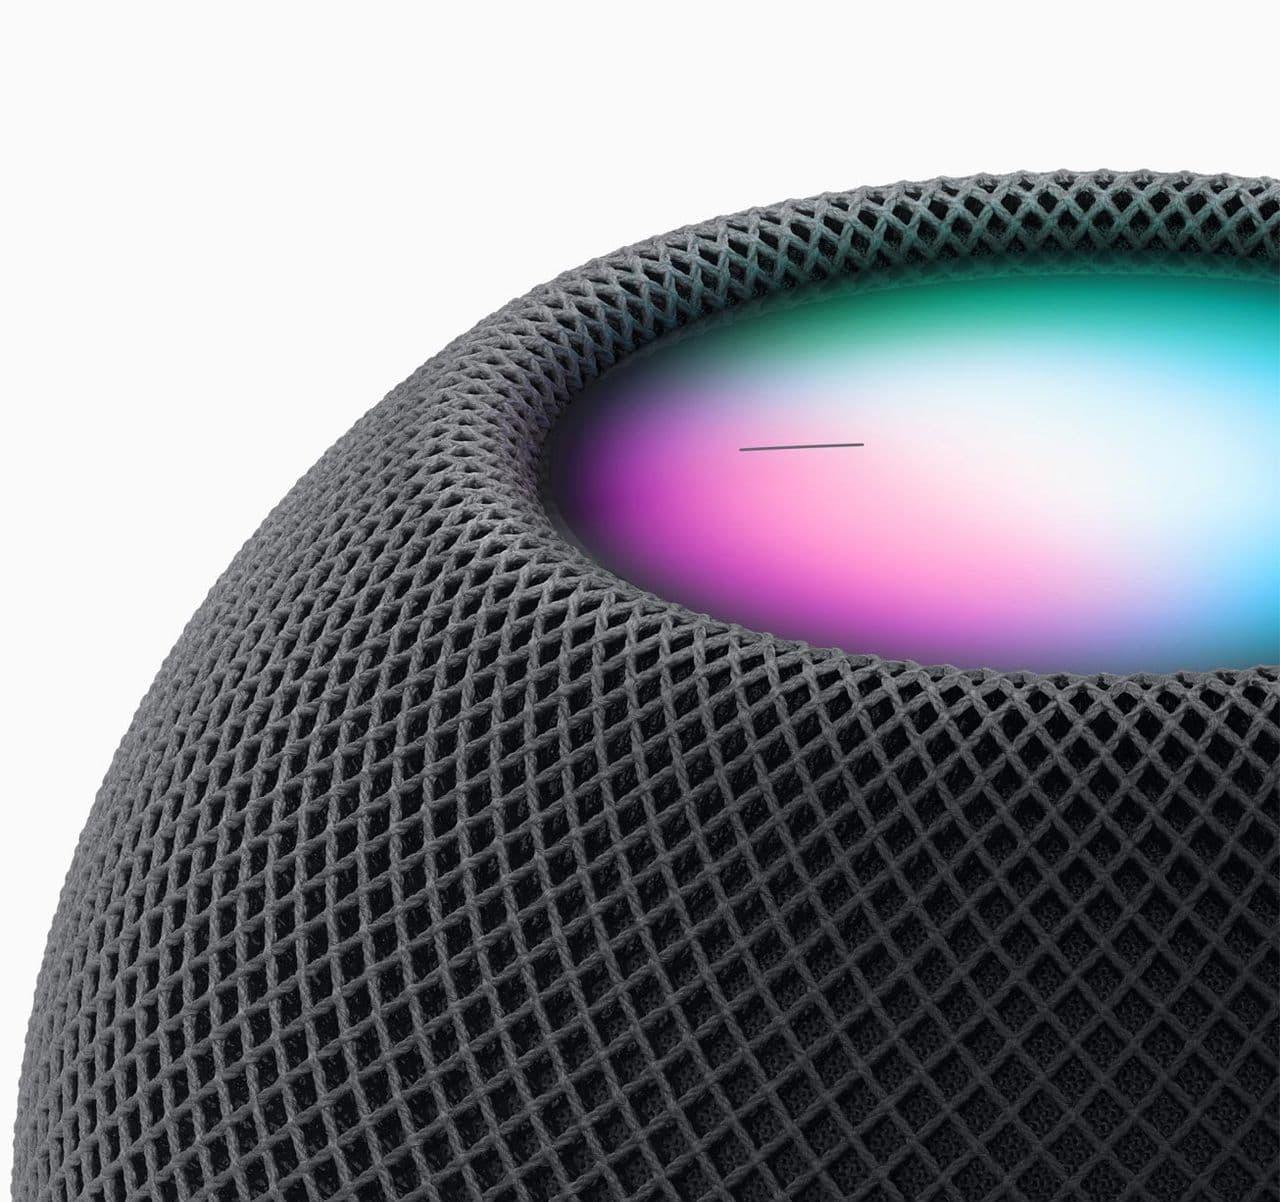 Apple's HomePod their latest flop so far